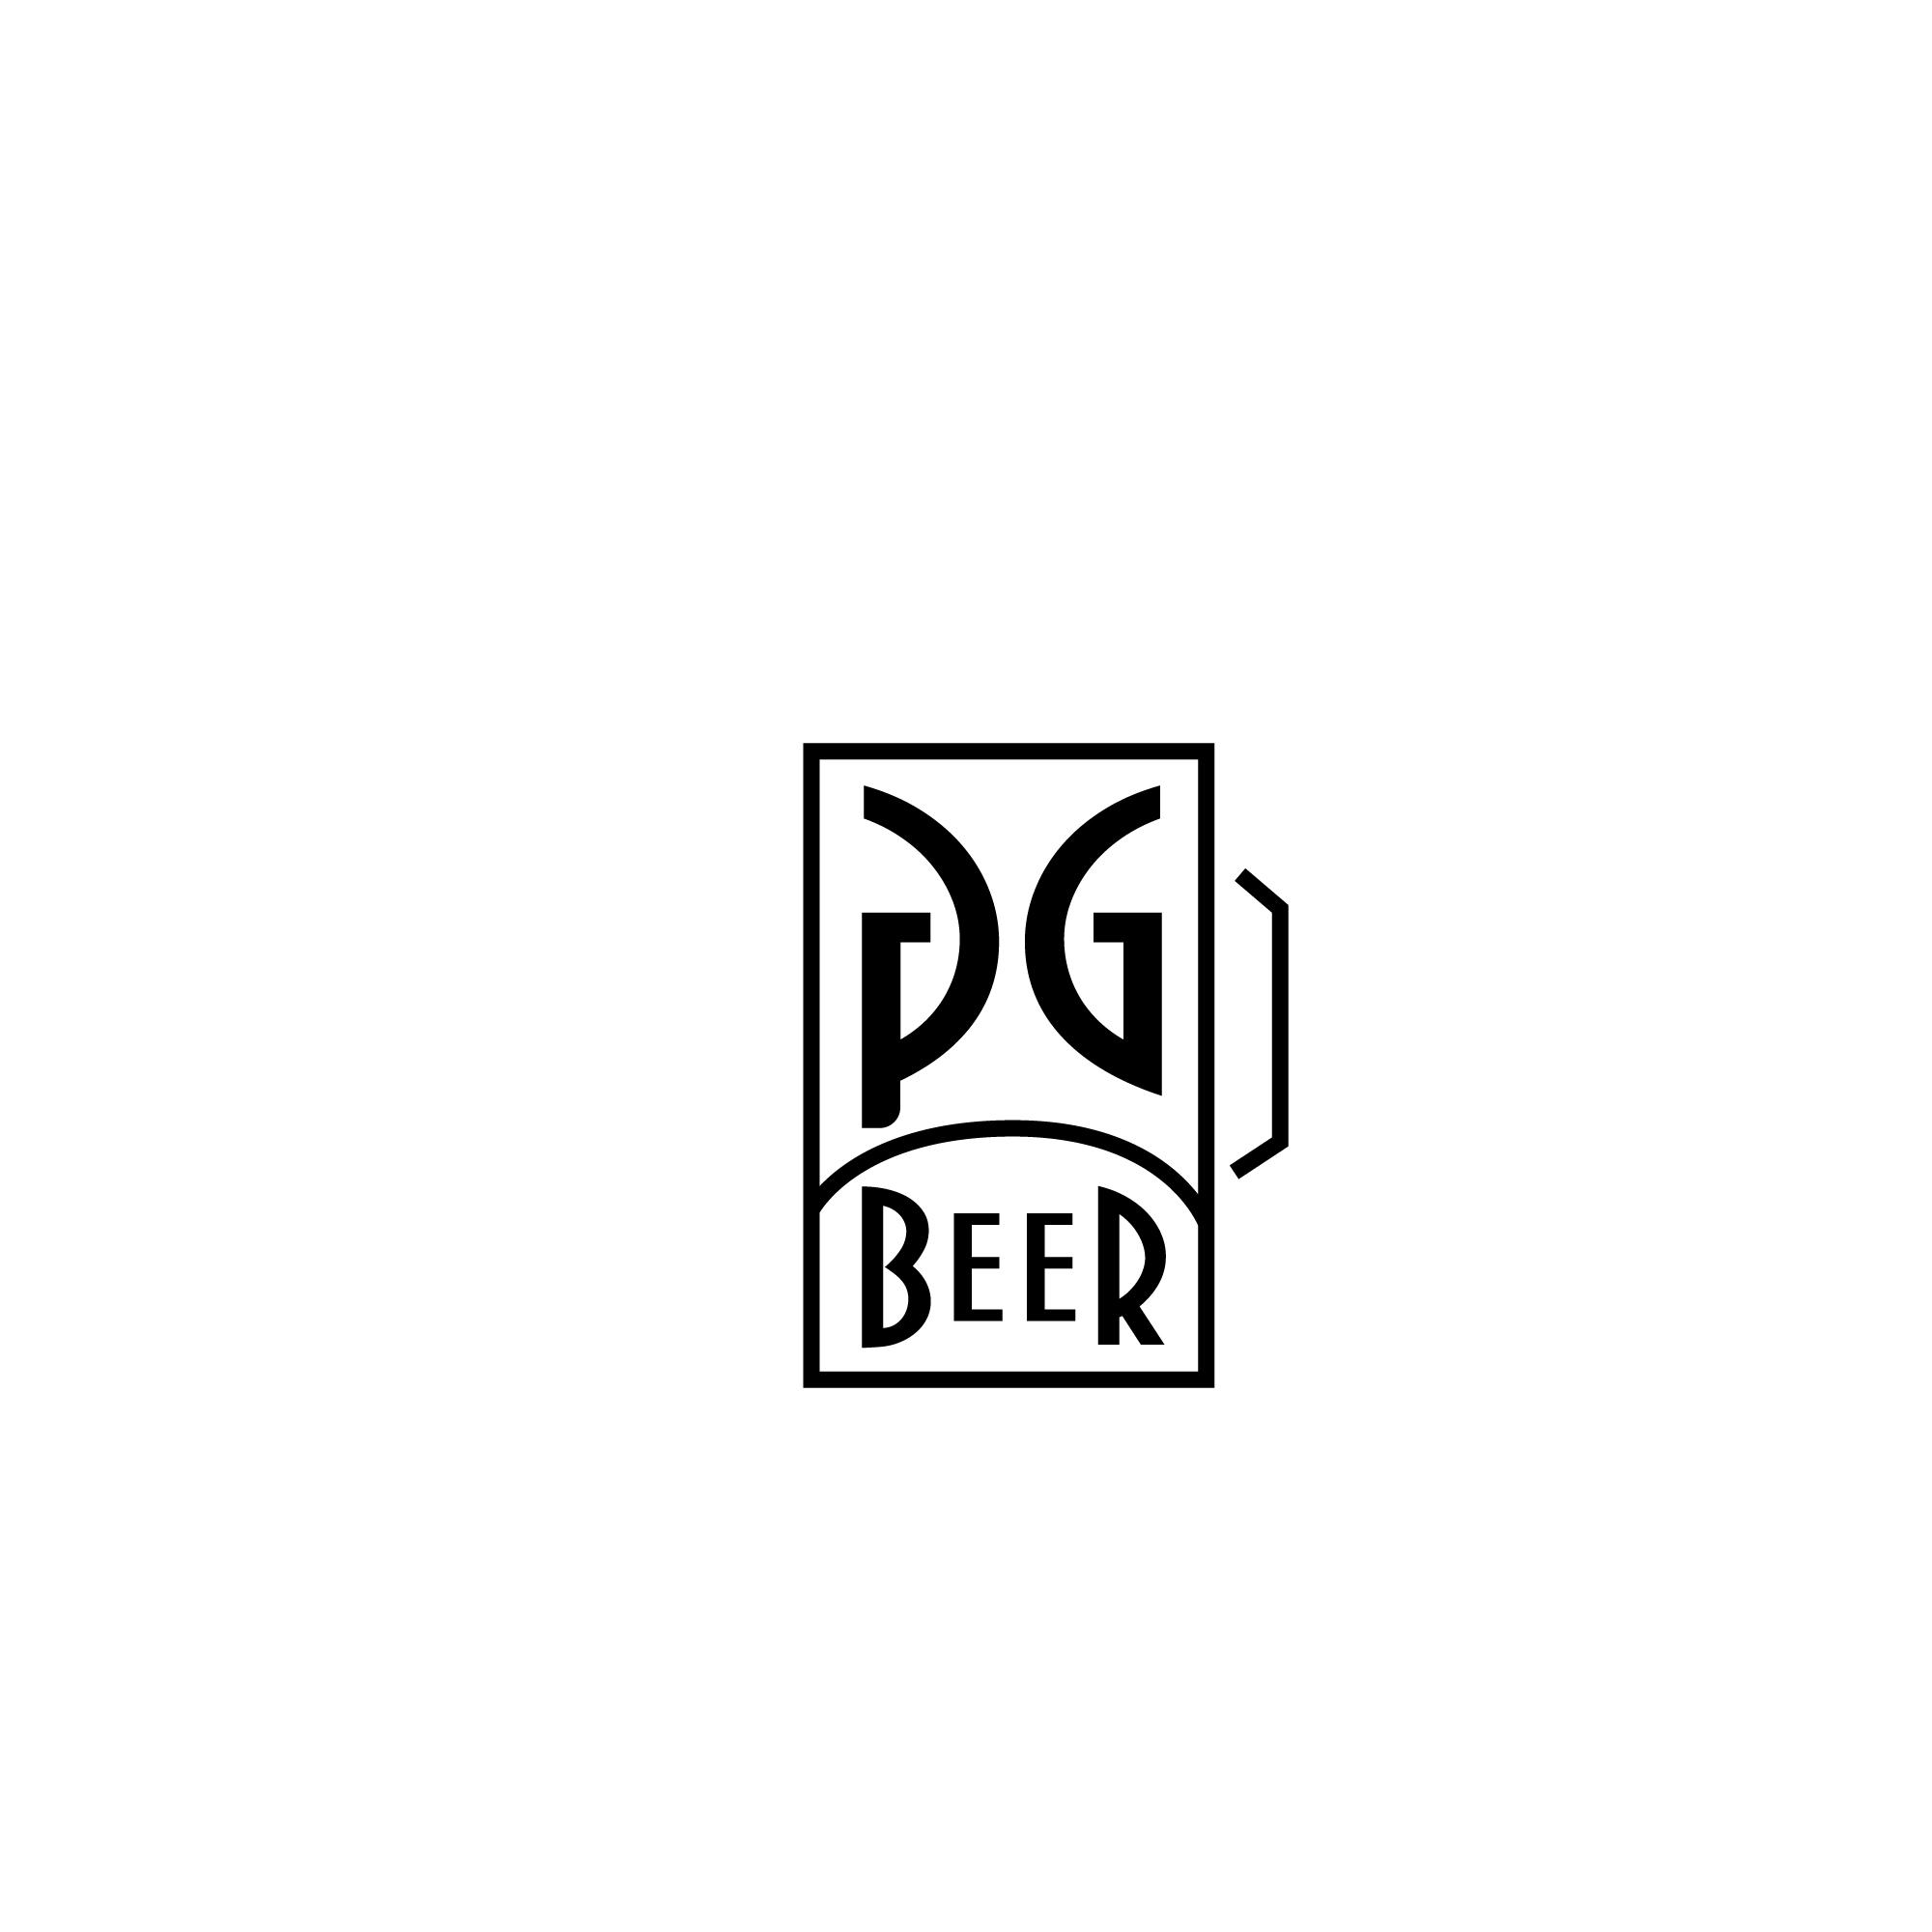 Логотип для Крафтовой Пивоварни фото f_0775cb4c78429e4c.jpg